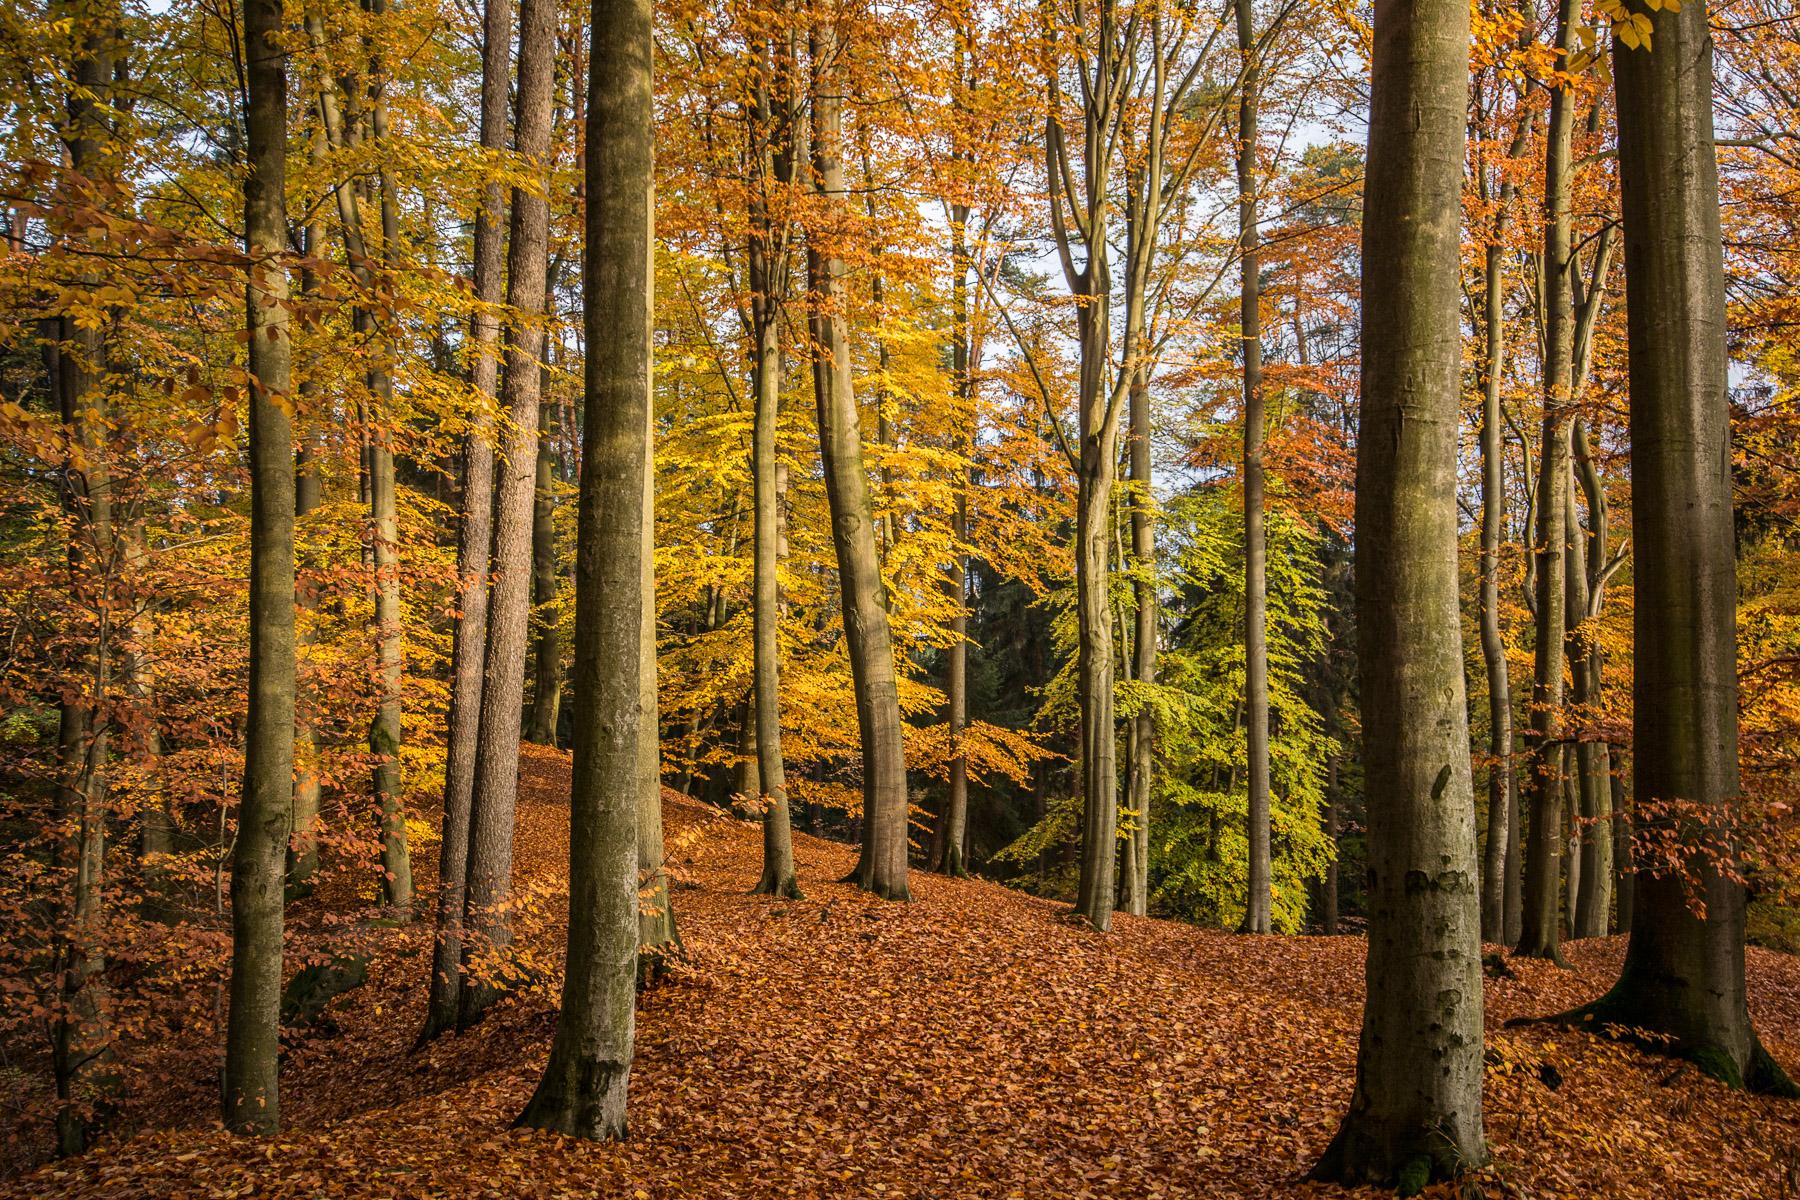 Podzimní Český ráj v aprílovém počasí